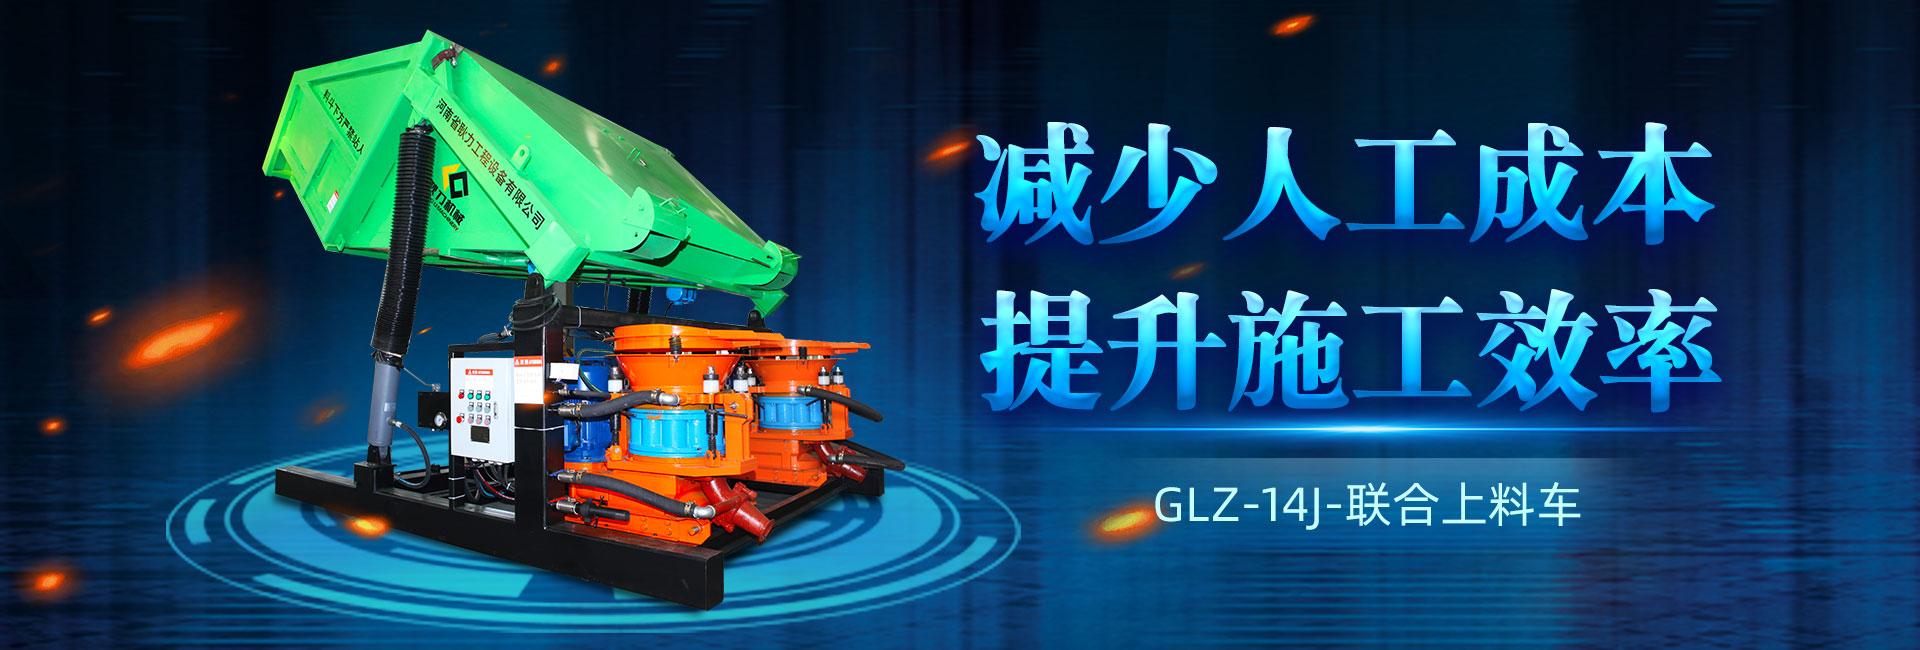 GLZ-14J联合上料车